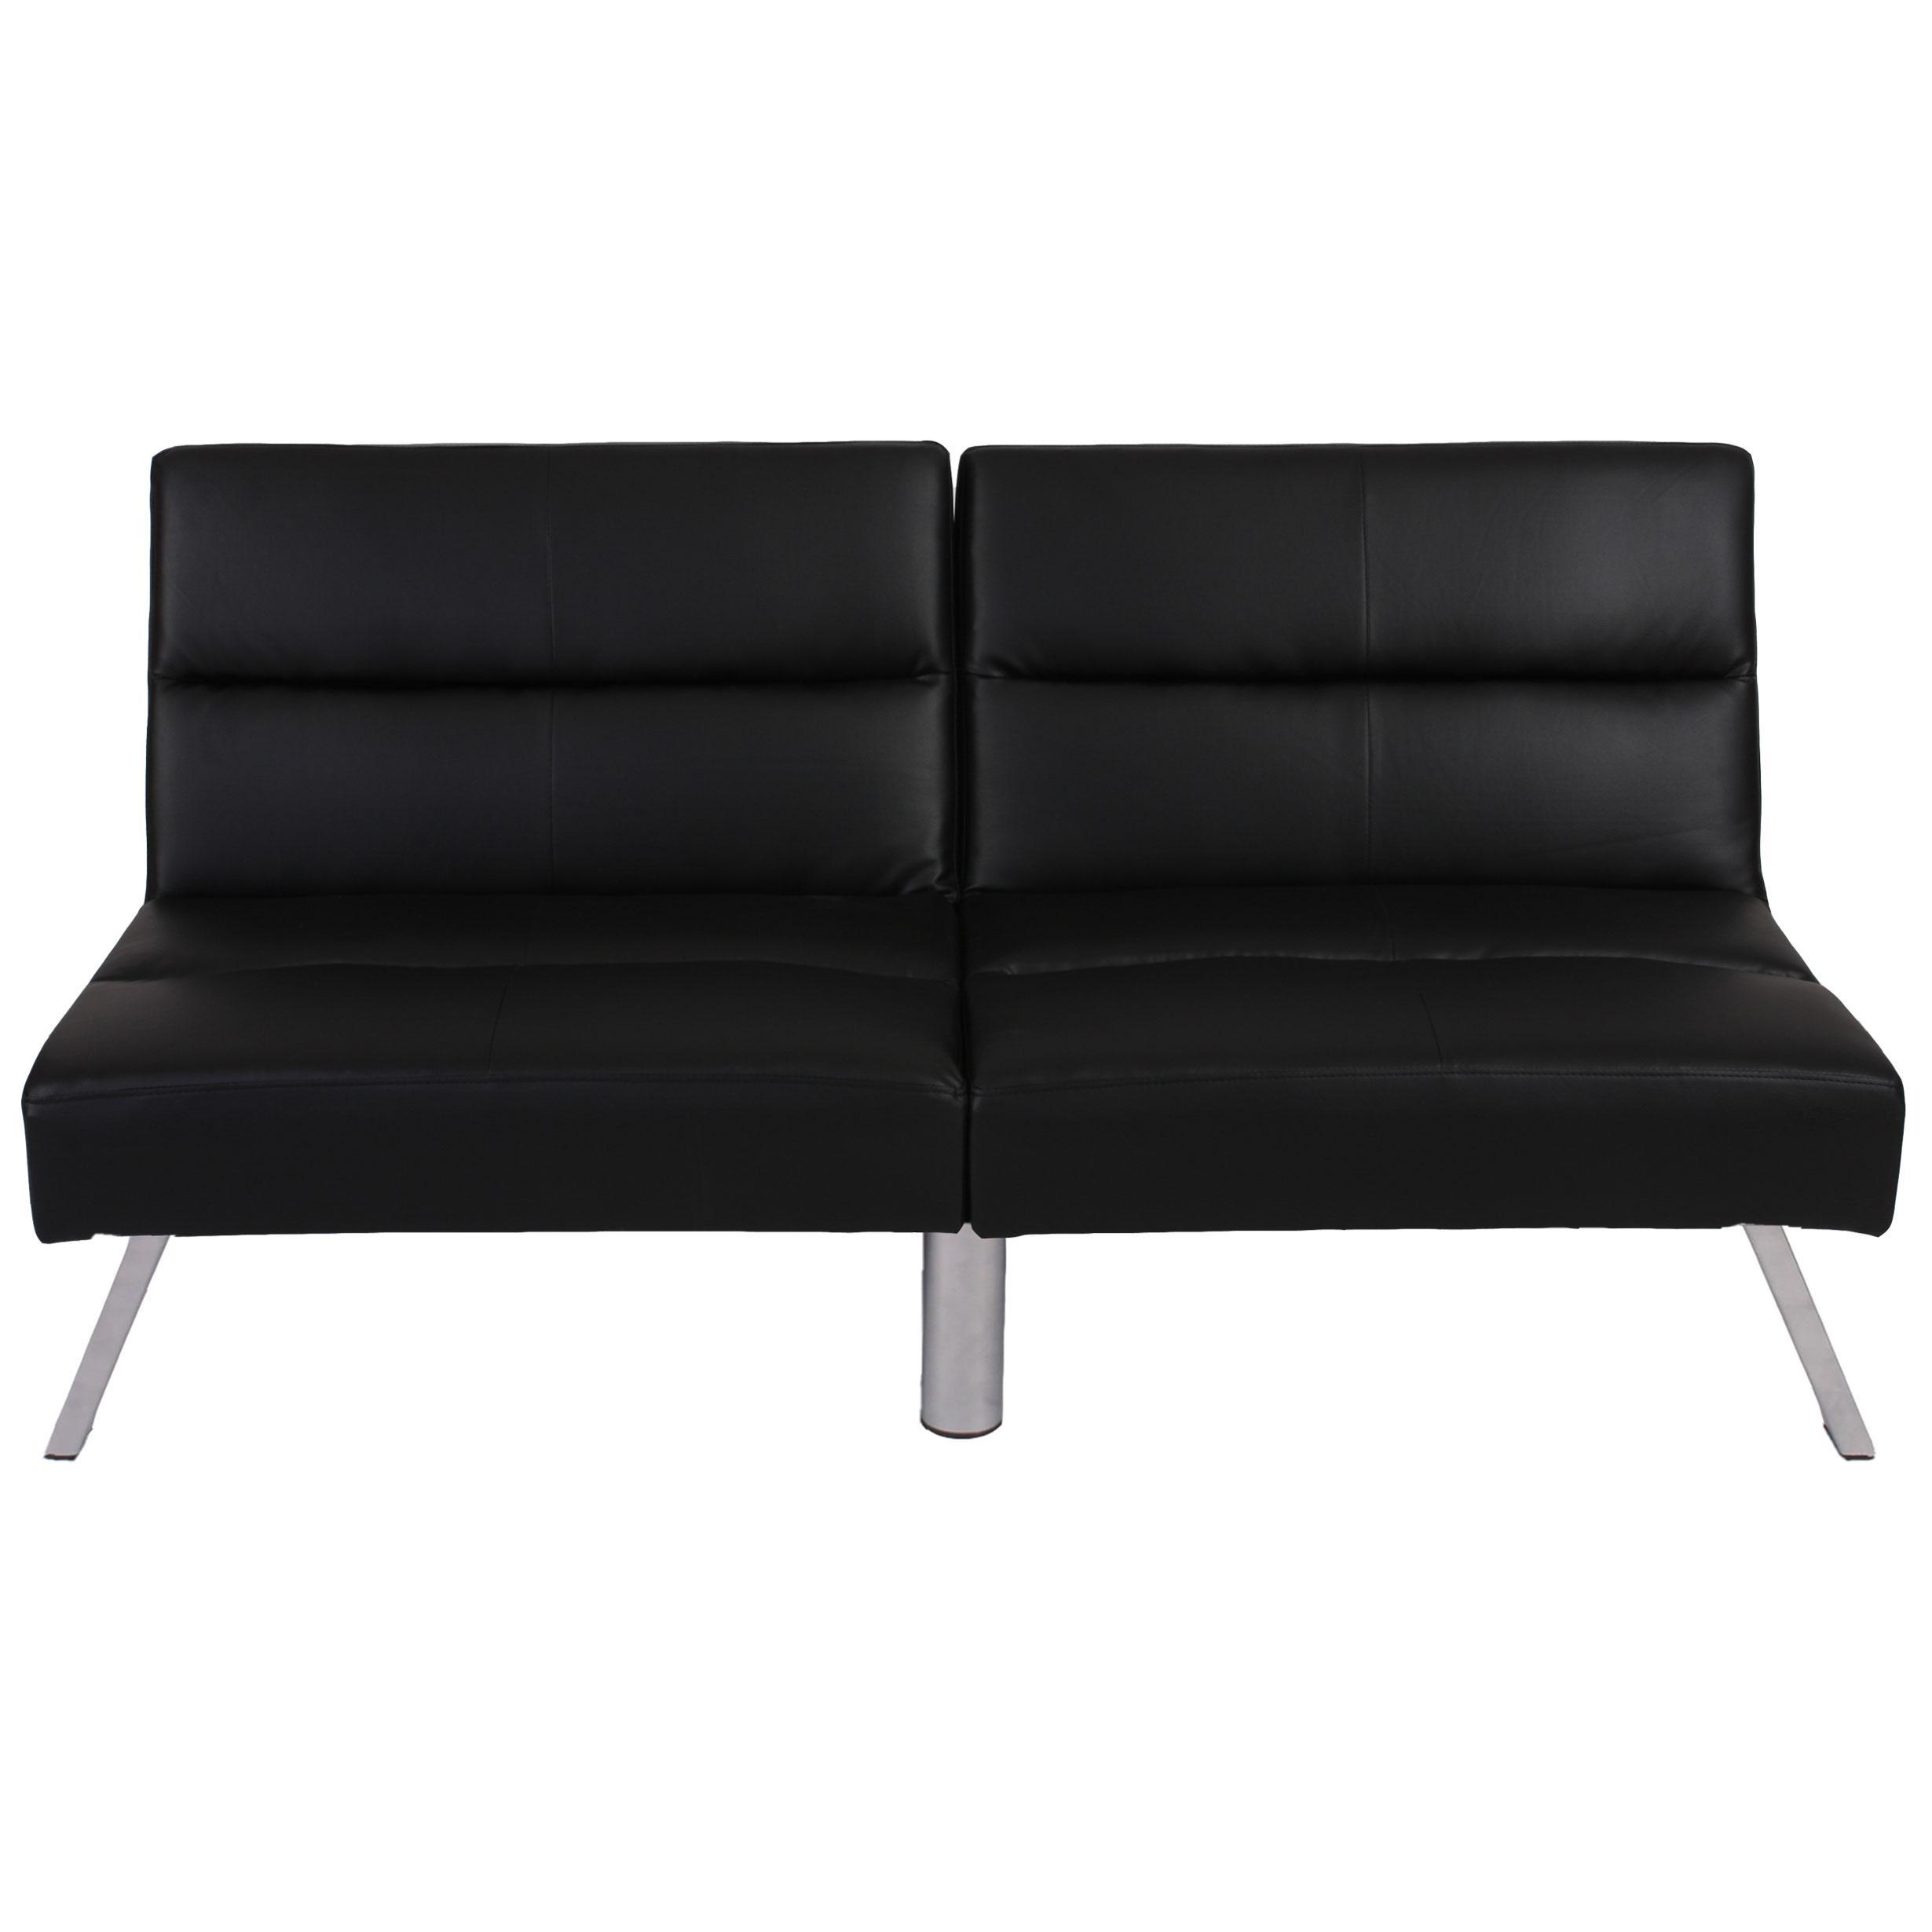 Sof plegable de 3 plazas romeo muy vers til y c modo en piel color negro sof plegable 3 - Sofas muy comodos ...